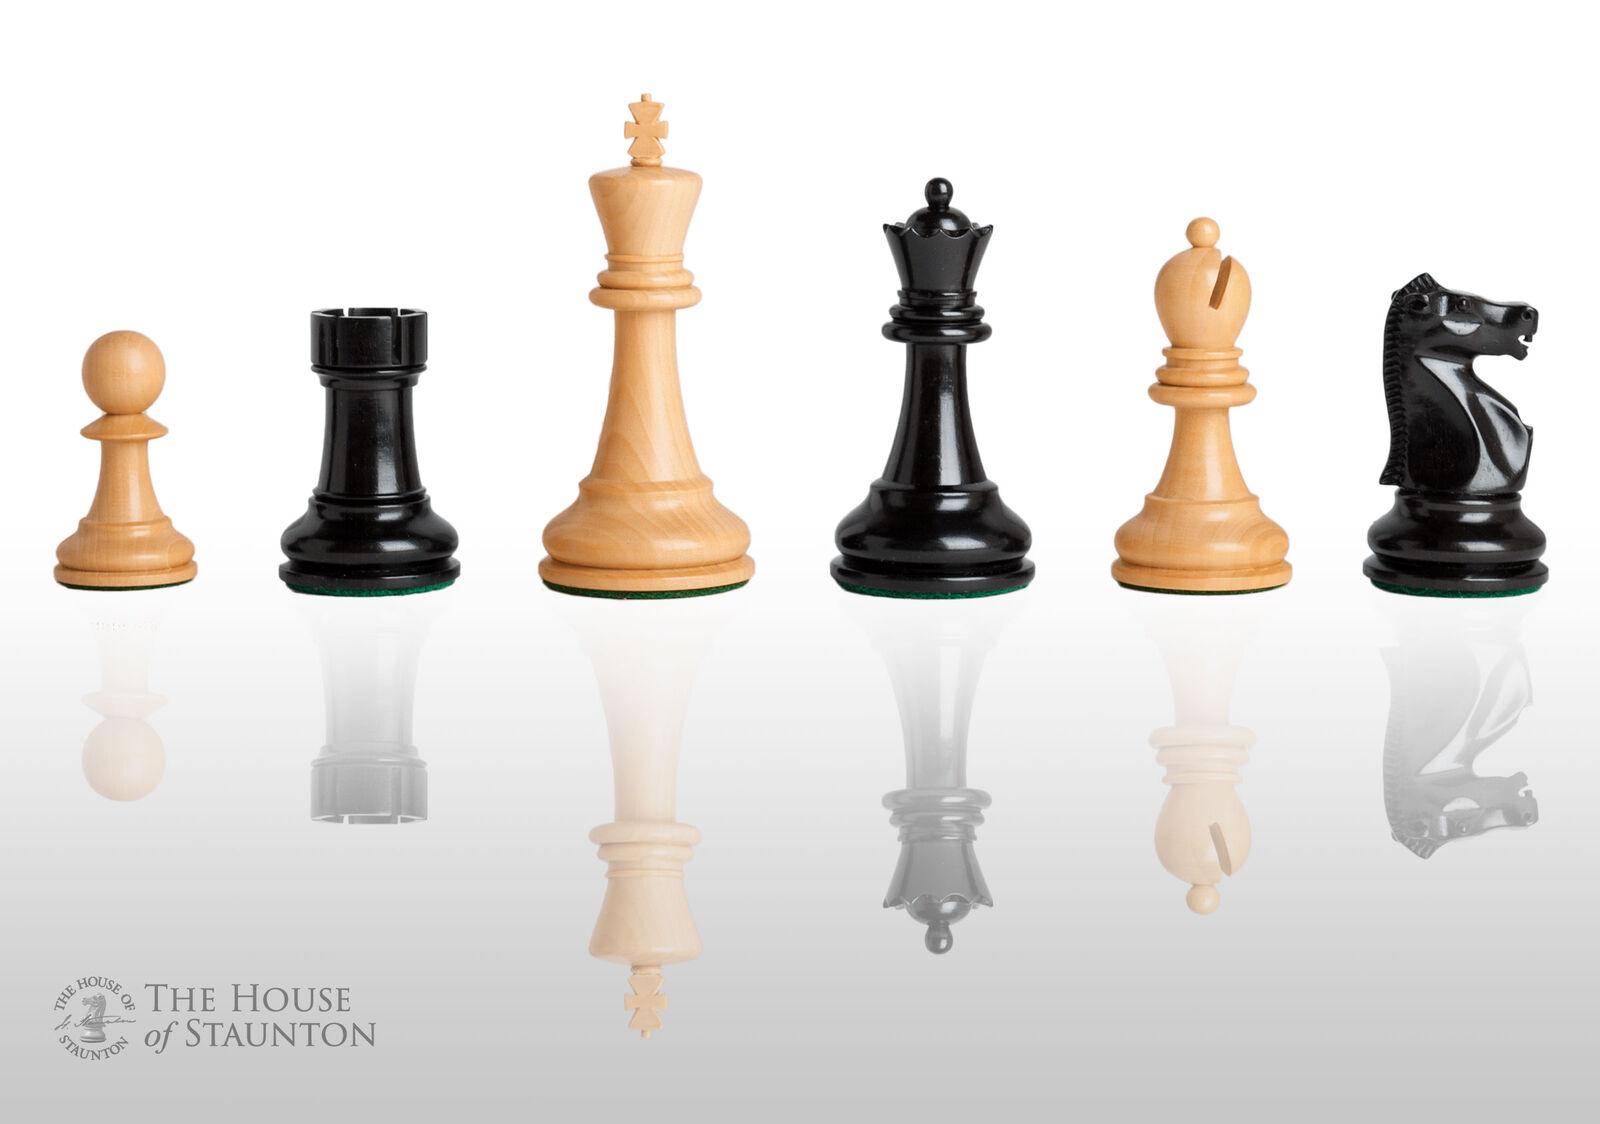 precios ultra bajos The Fischer Spassky Conmemorativa De Lujo Juego Juego Juego De Ajedrez-sólo piezas - 3.75  - King  encuentra tu favorito aquí